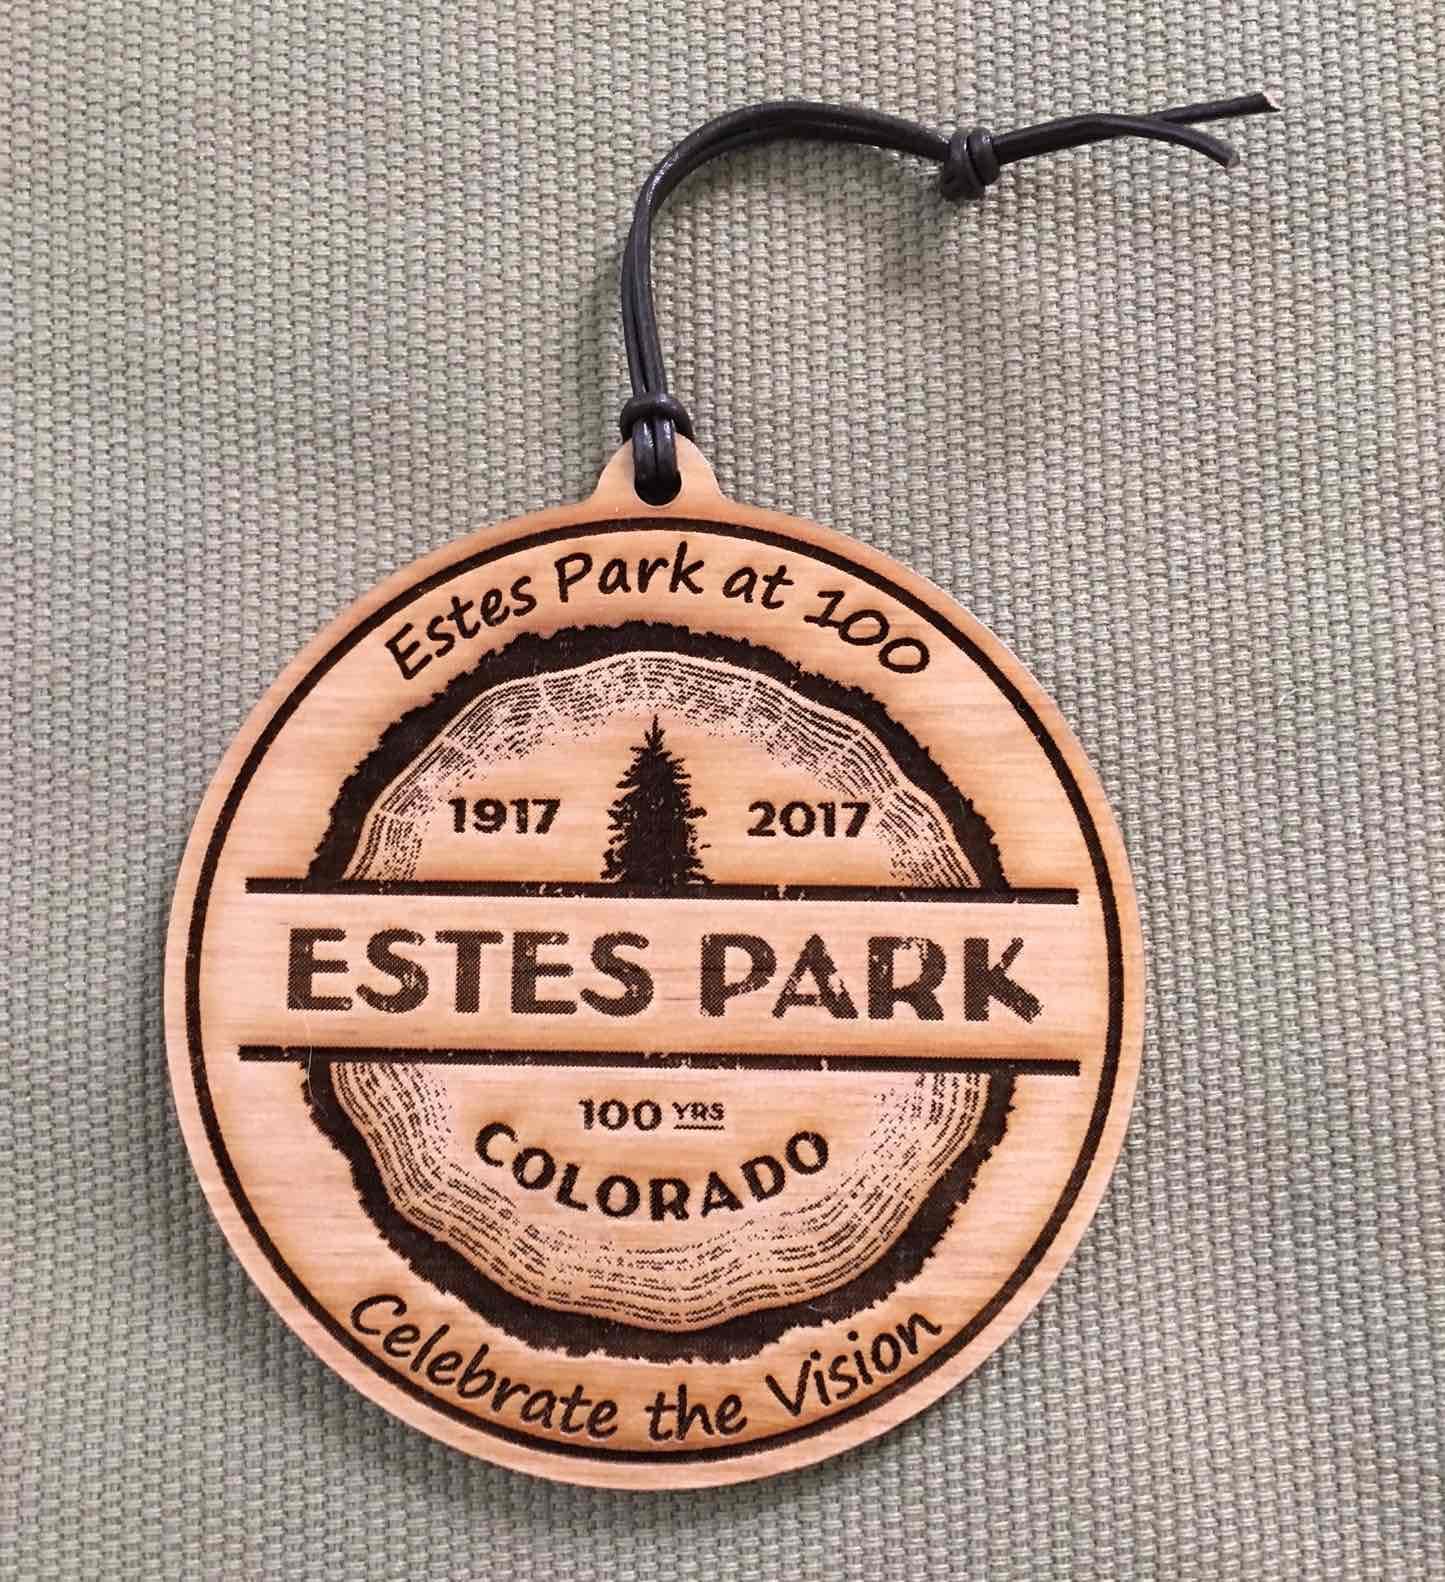 Estes Park Centennial Ornament - Leather Loop